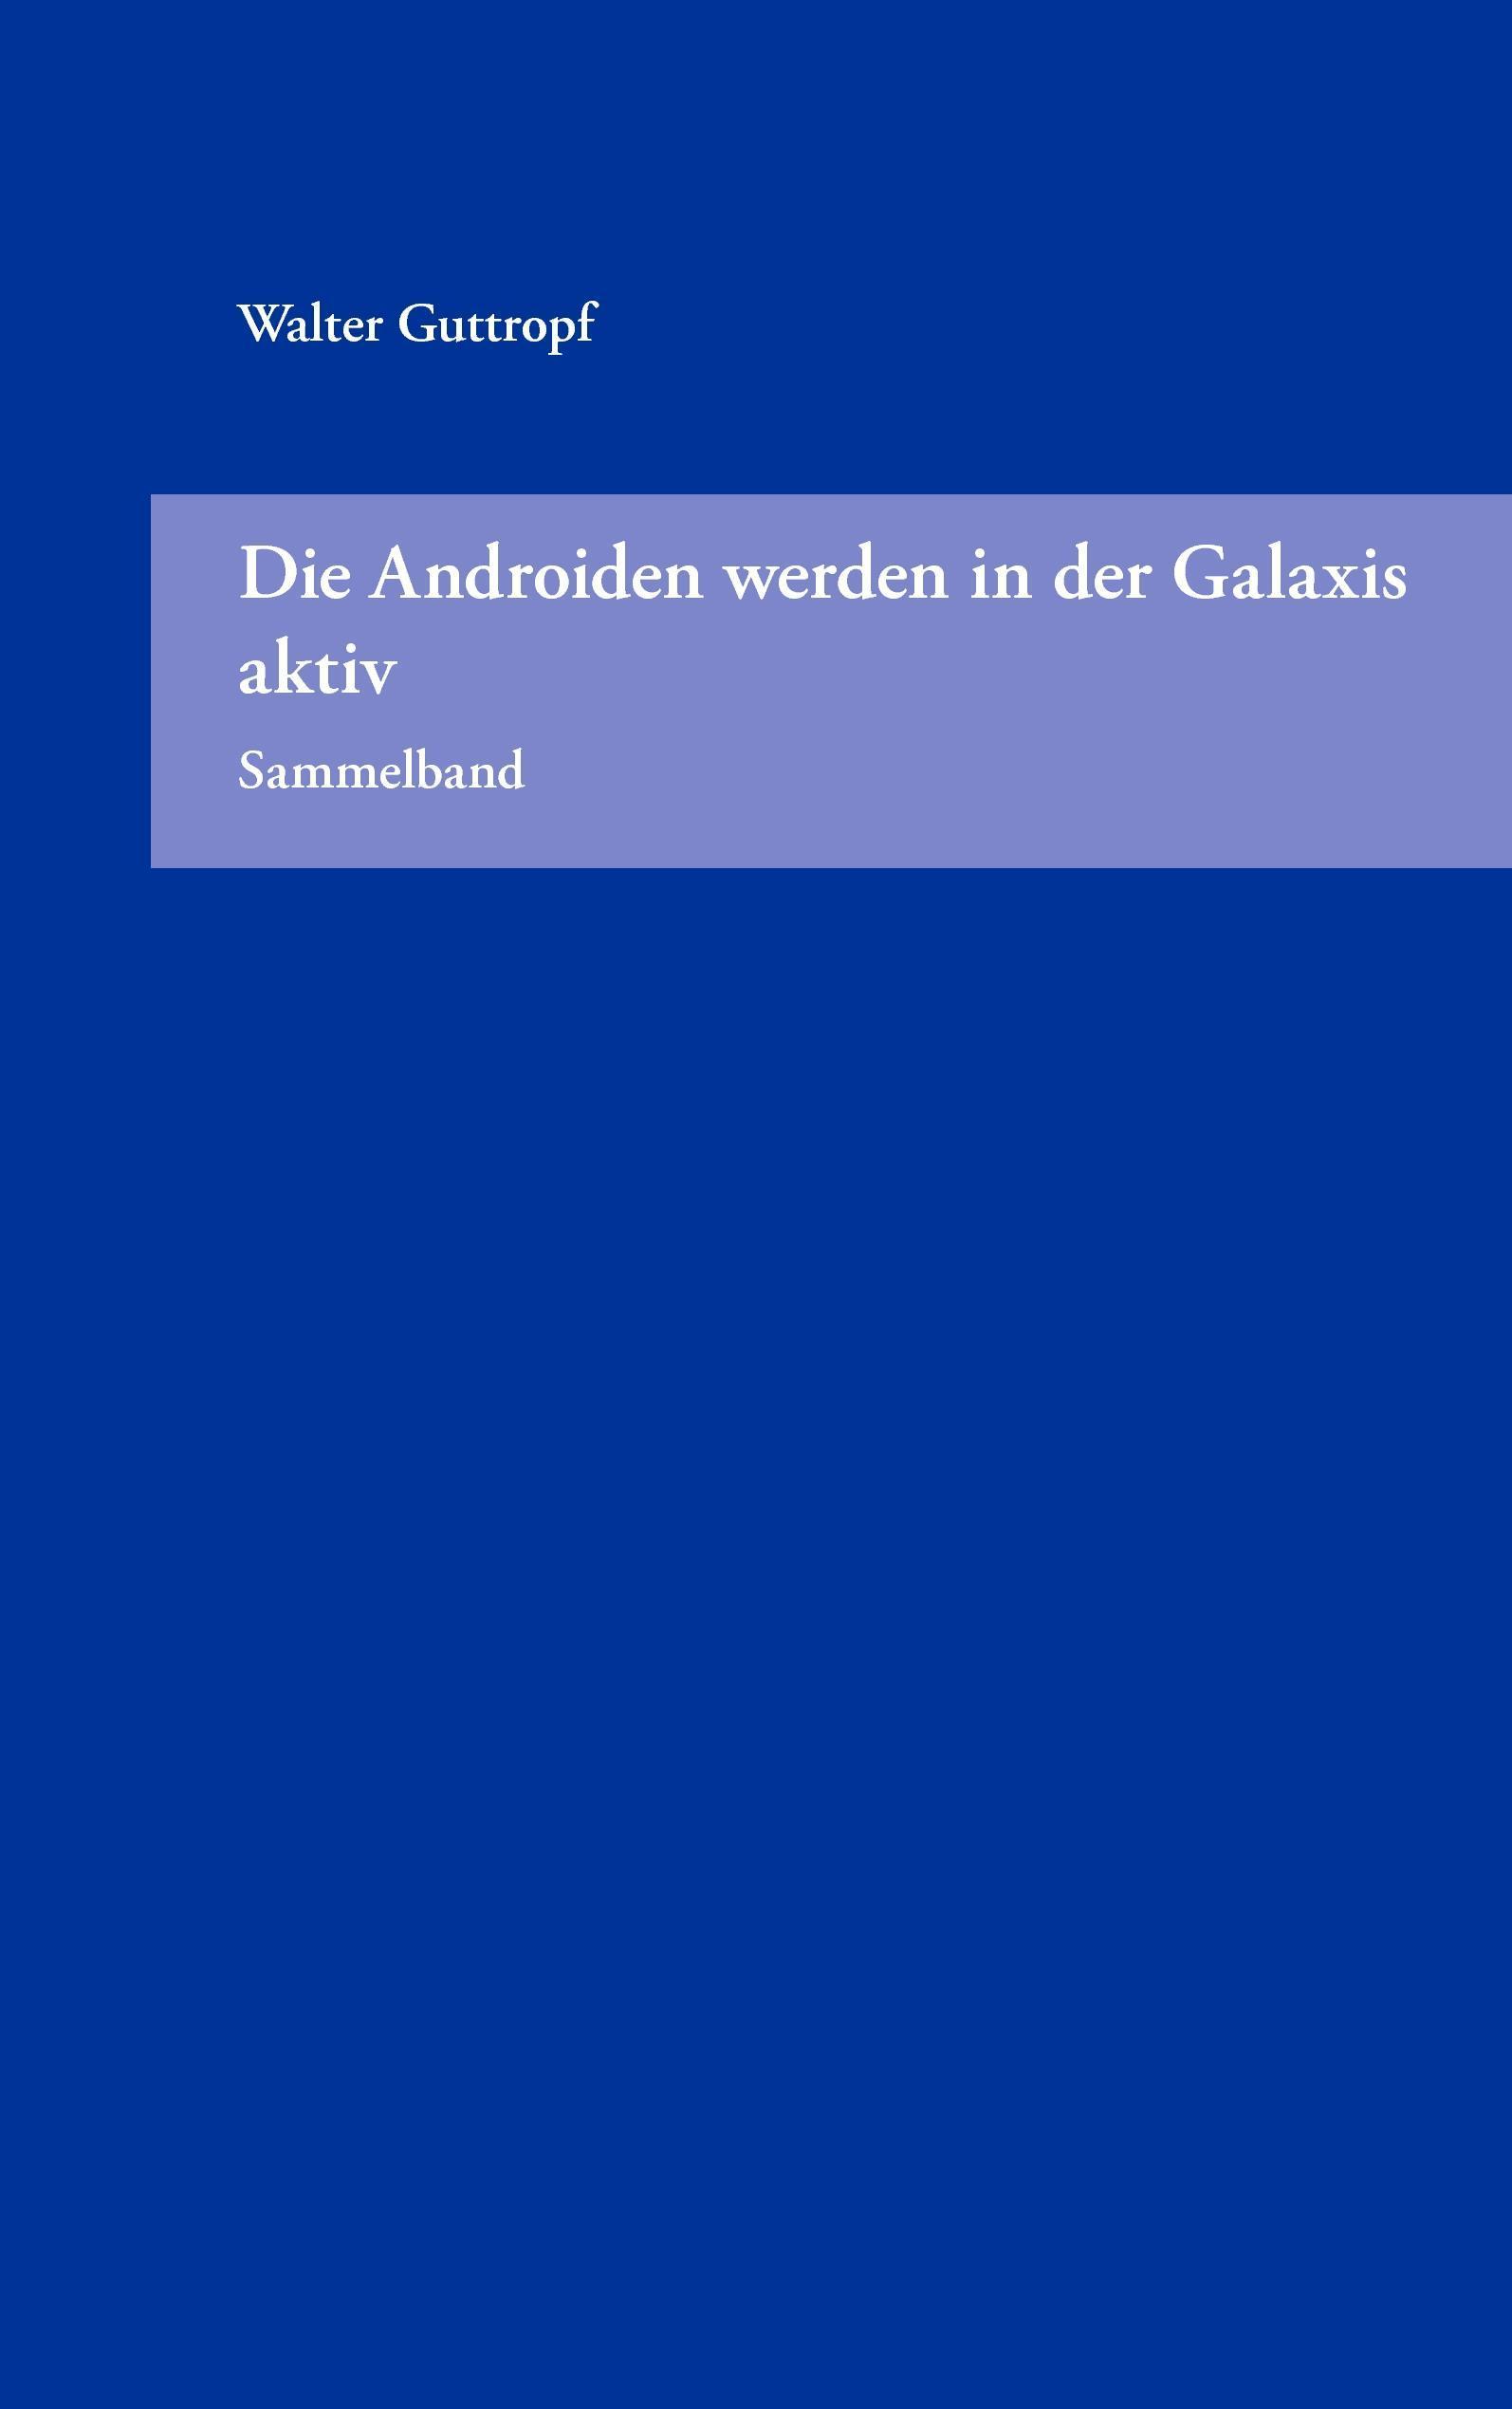 Die Androiden werden in der Galaxis aktiv (Sammelband)